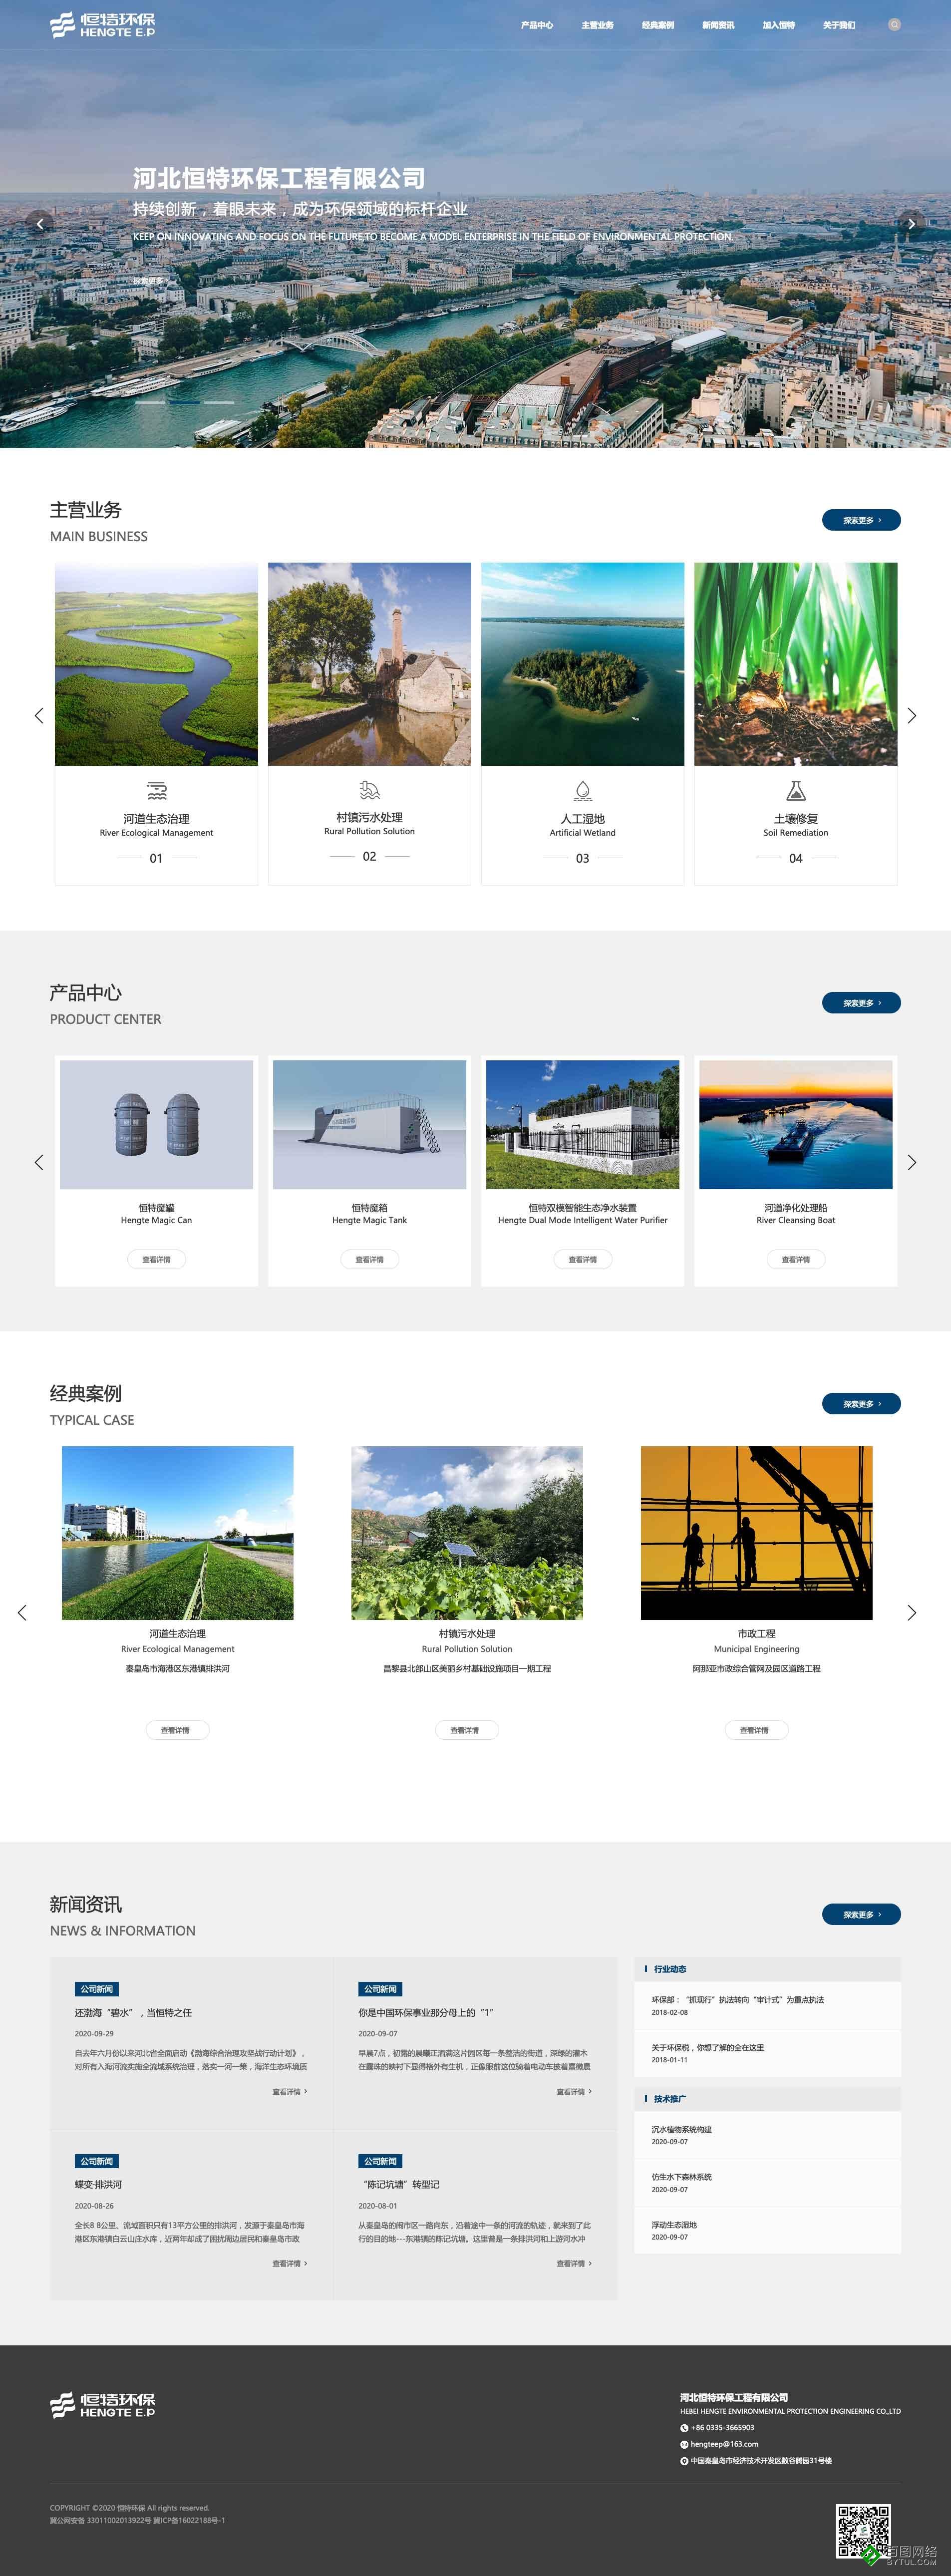 恒特环保网站首页效果图